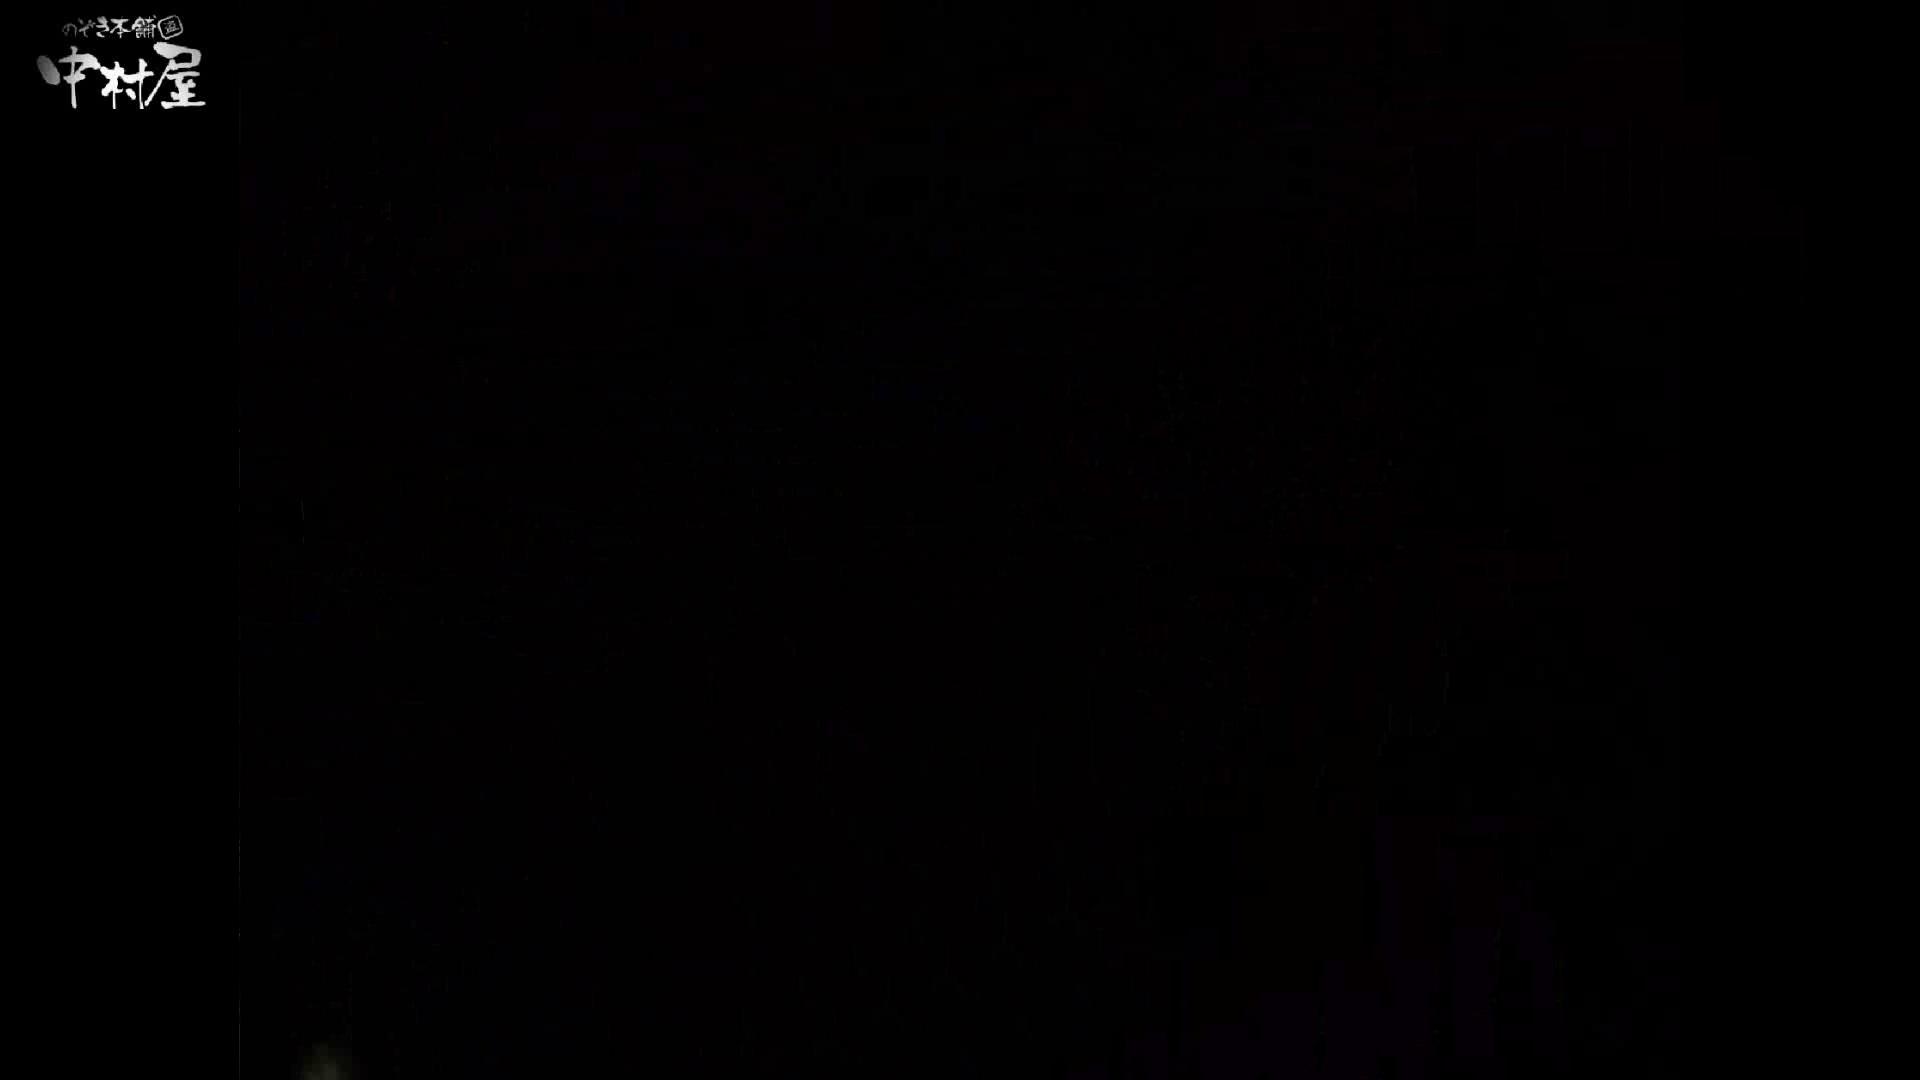 民家風呂専門盗撮師の超危険映像 vol.018 美女まとめ | 盗撮シリーズ  95PIX 6